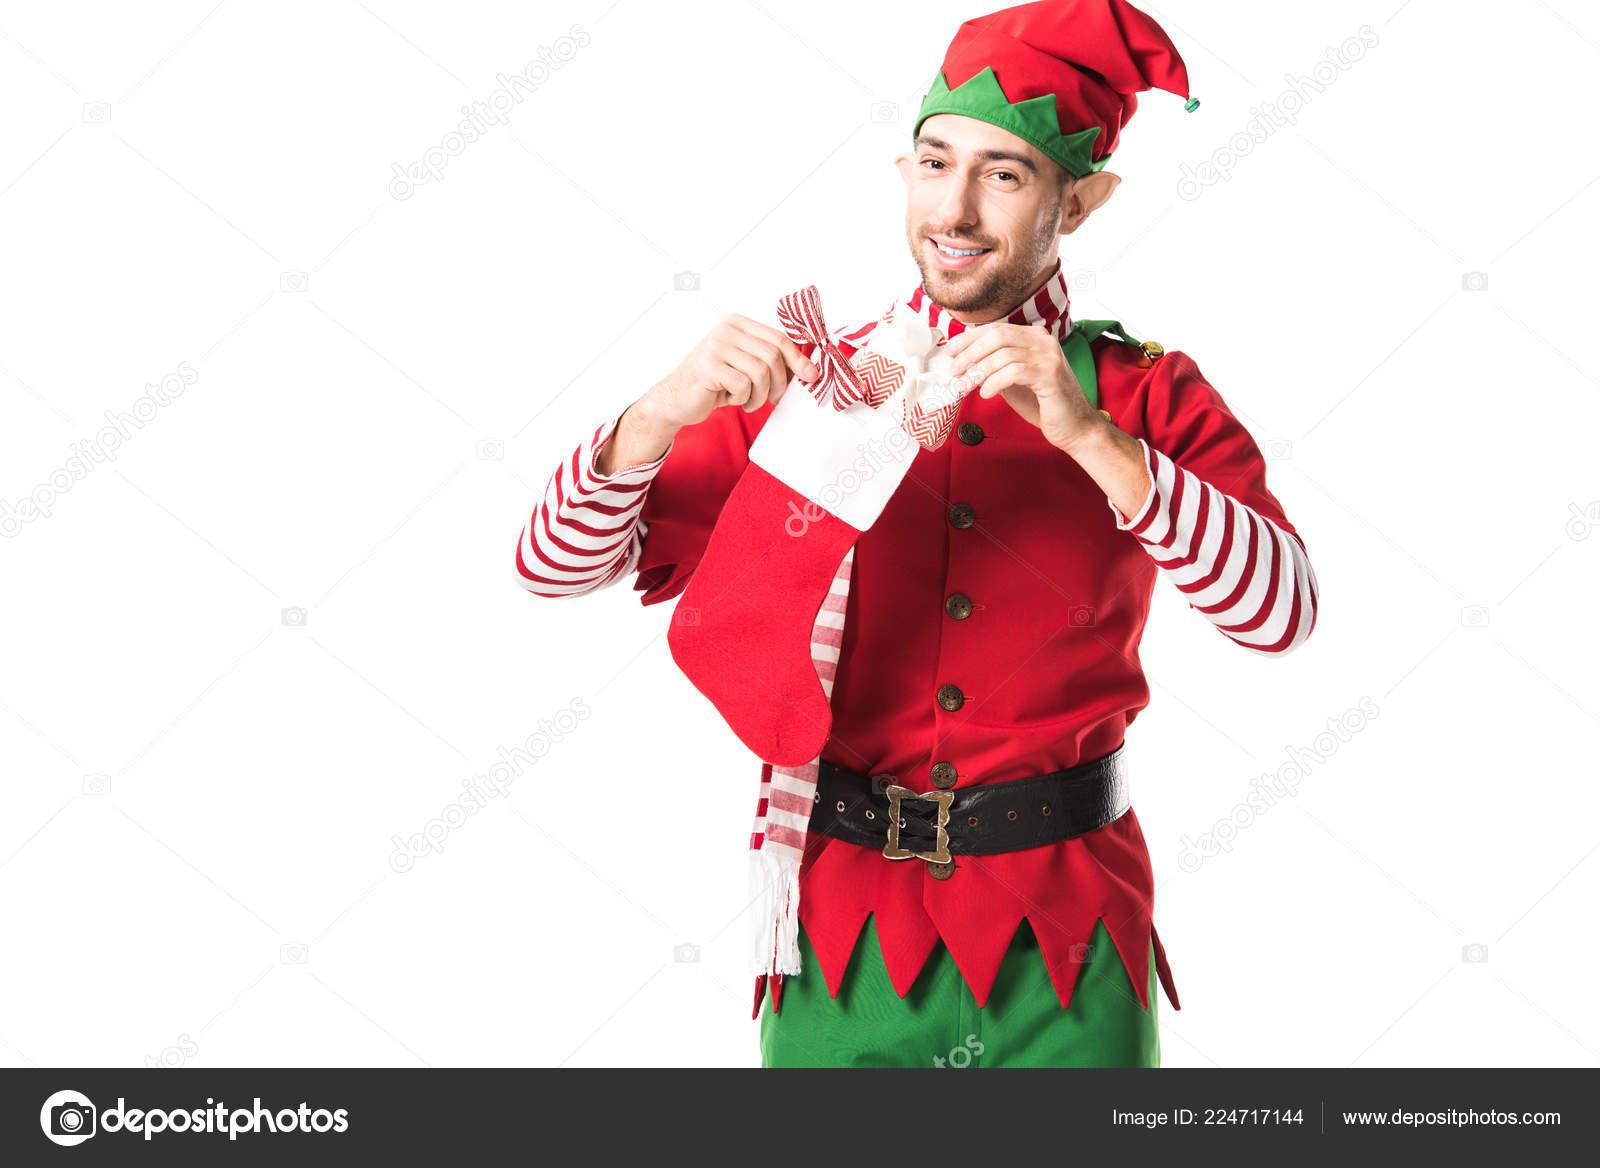 Usmívající Muž Kostýmu Skřítek Vánoční Uvedení Červené Punčochy Při Pohledu  — Stock fotografie 74565af8c1